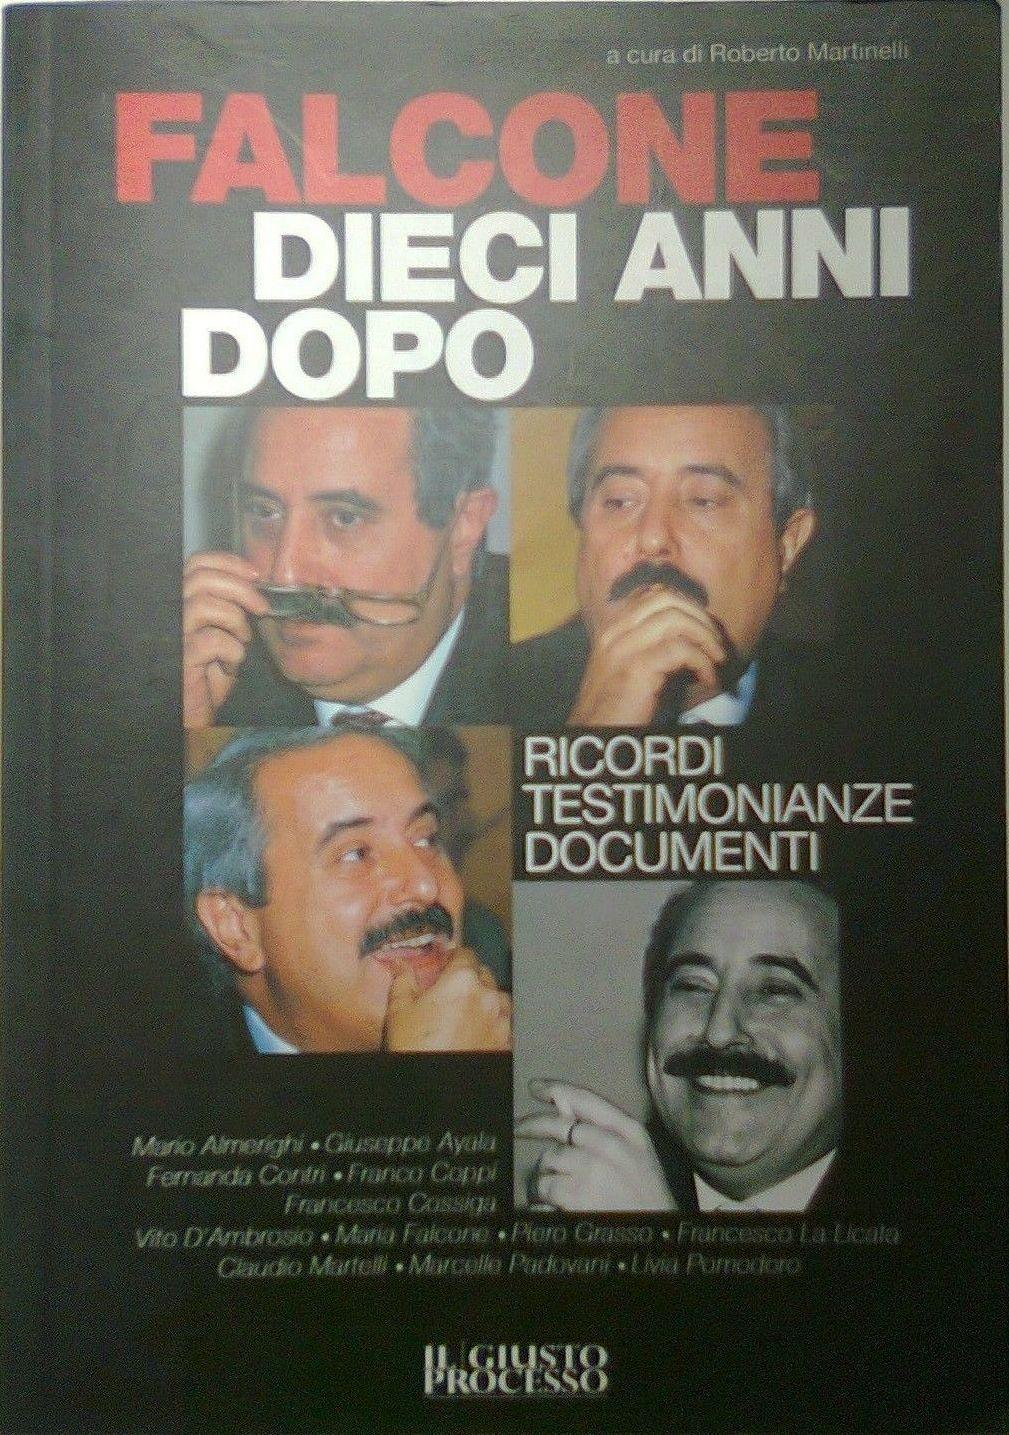 """…su Amazon c'è """"Falcone dieci anni dopo"""" a cura di Roberto Martinelli"""